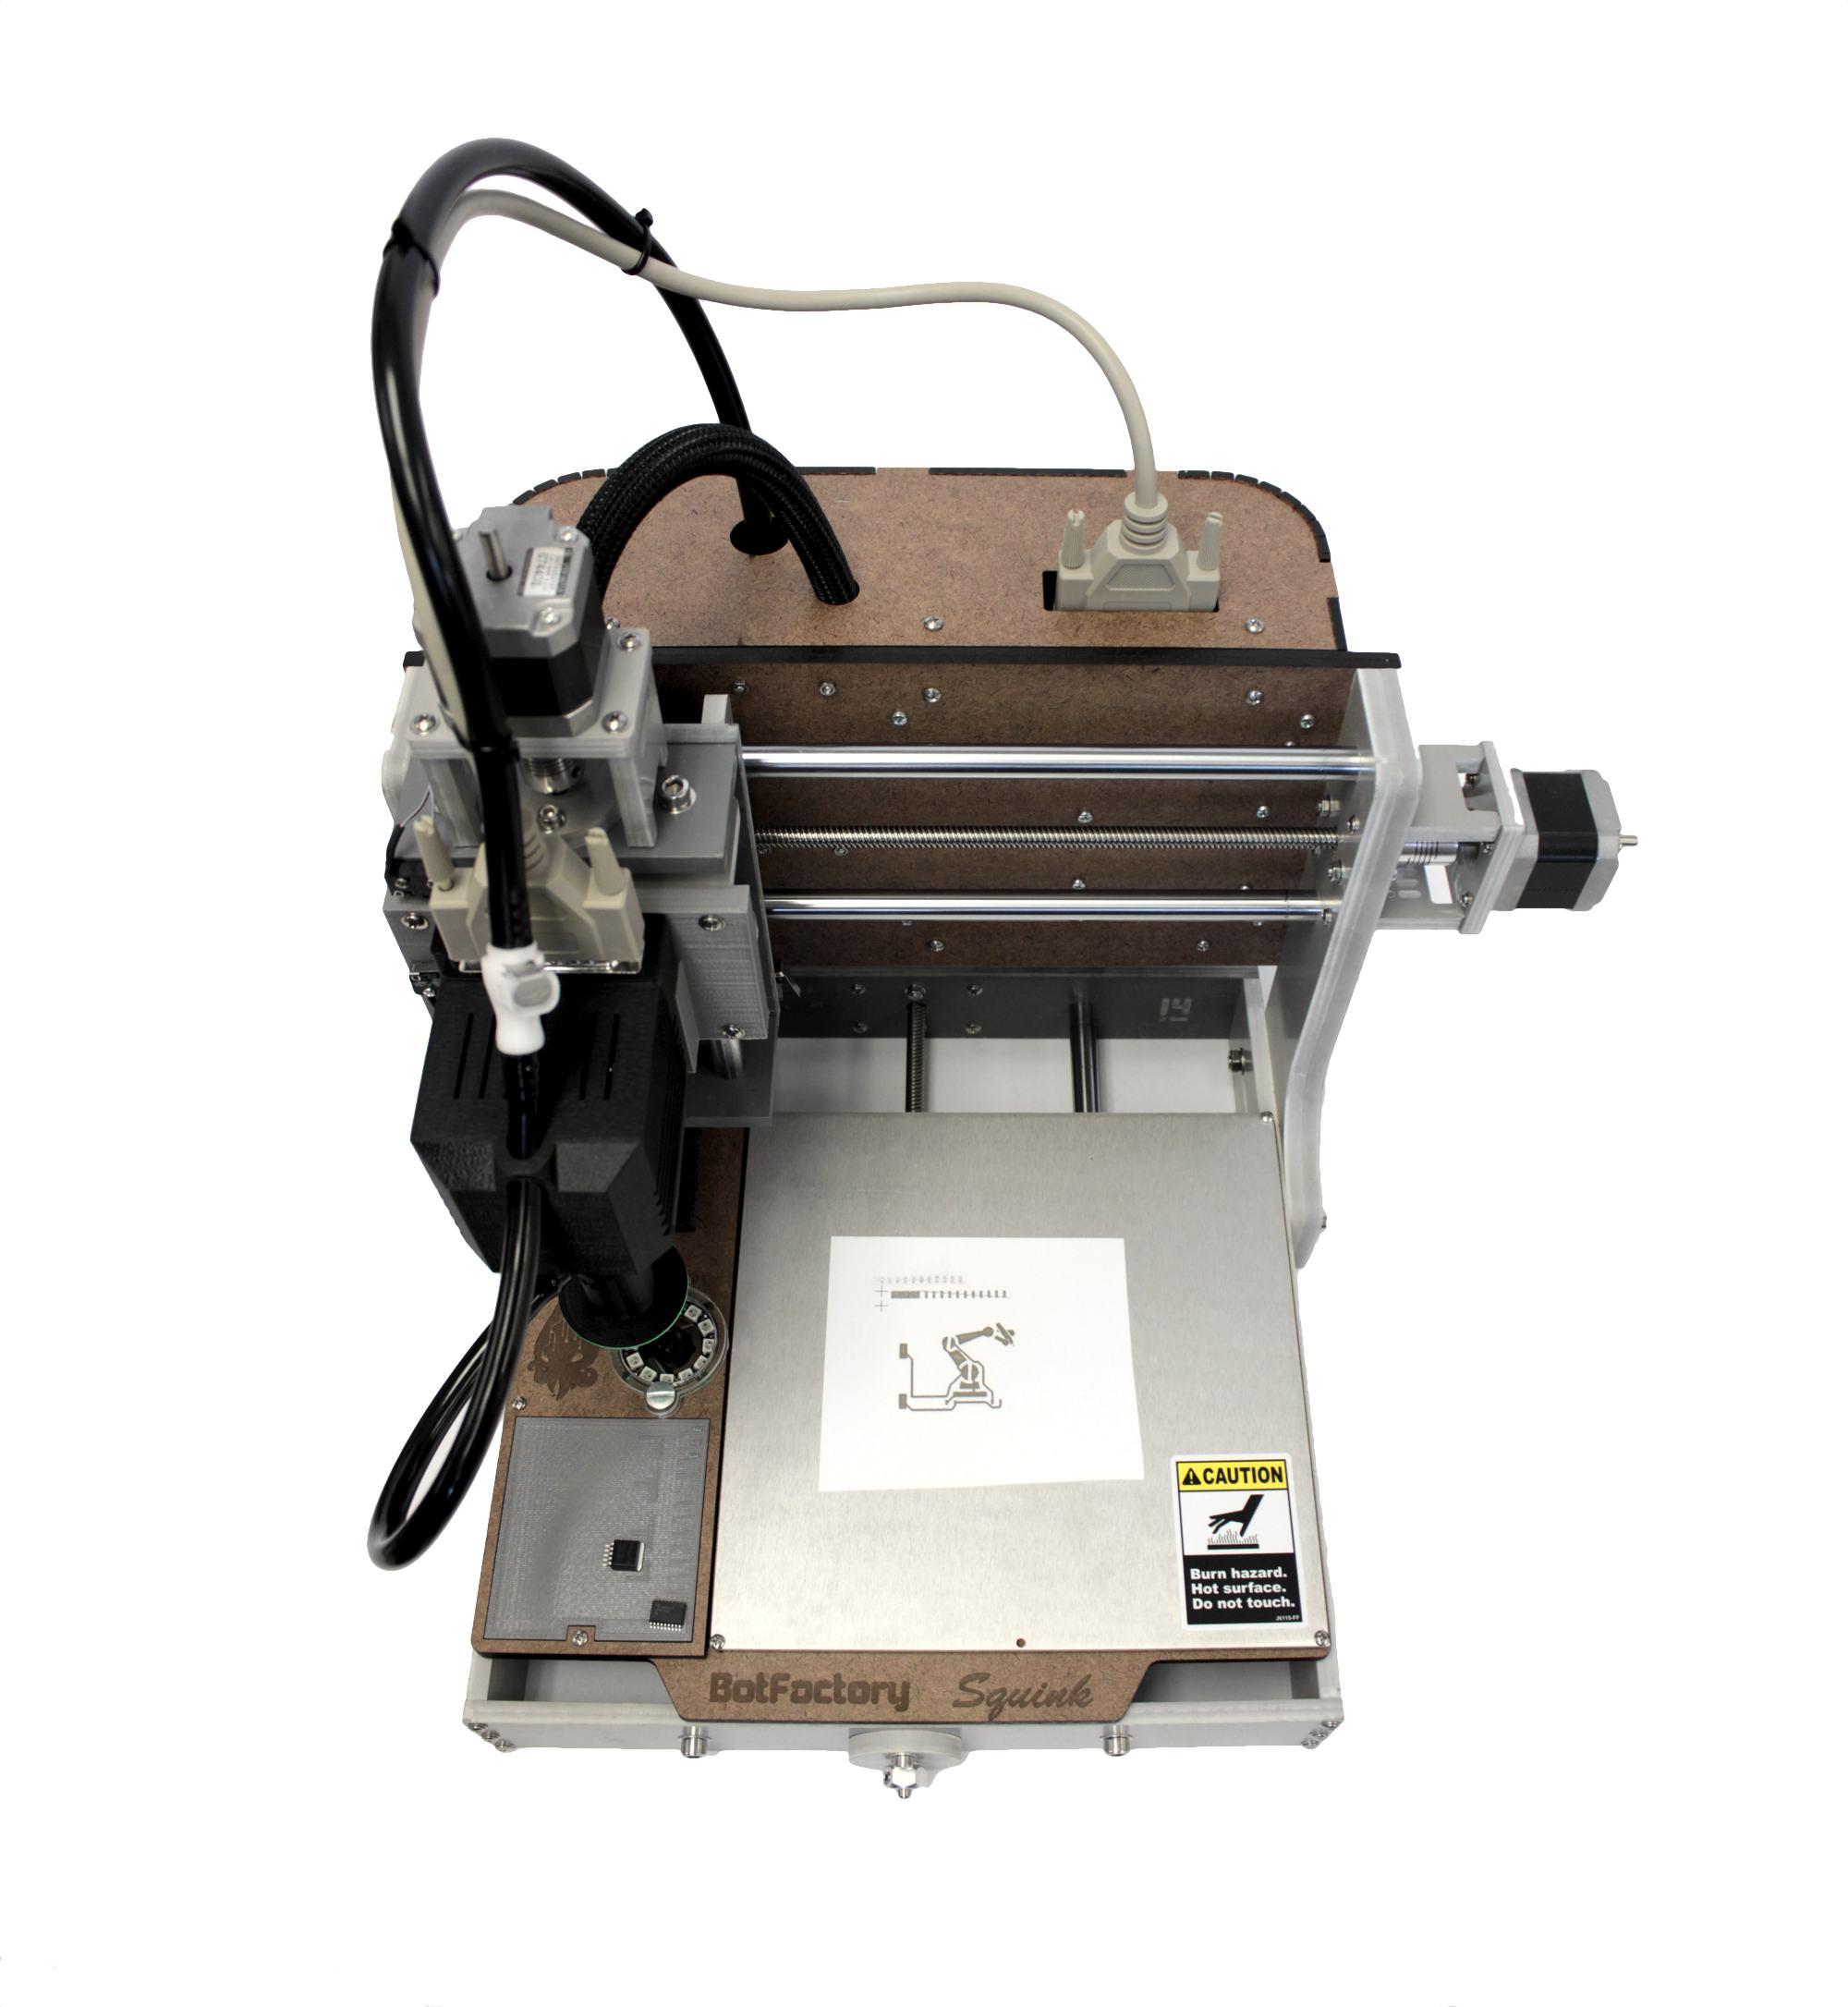 Squink Desktop Pcb Printer Dispensing Assembly Machine Printed Circuit Board Box Build